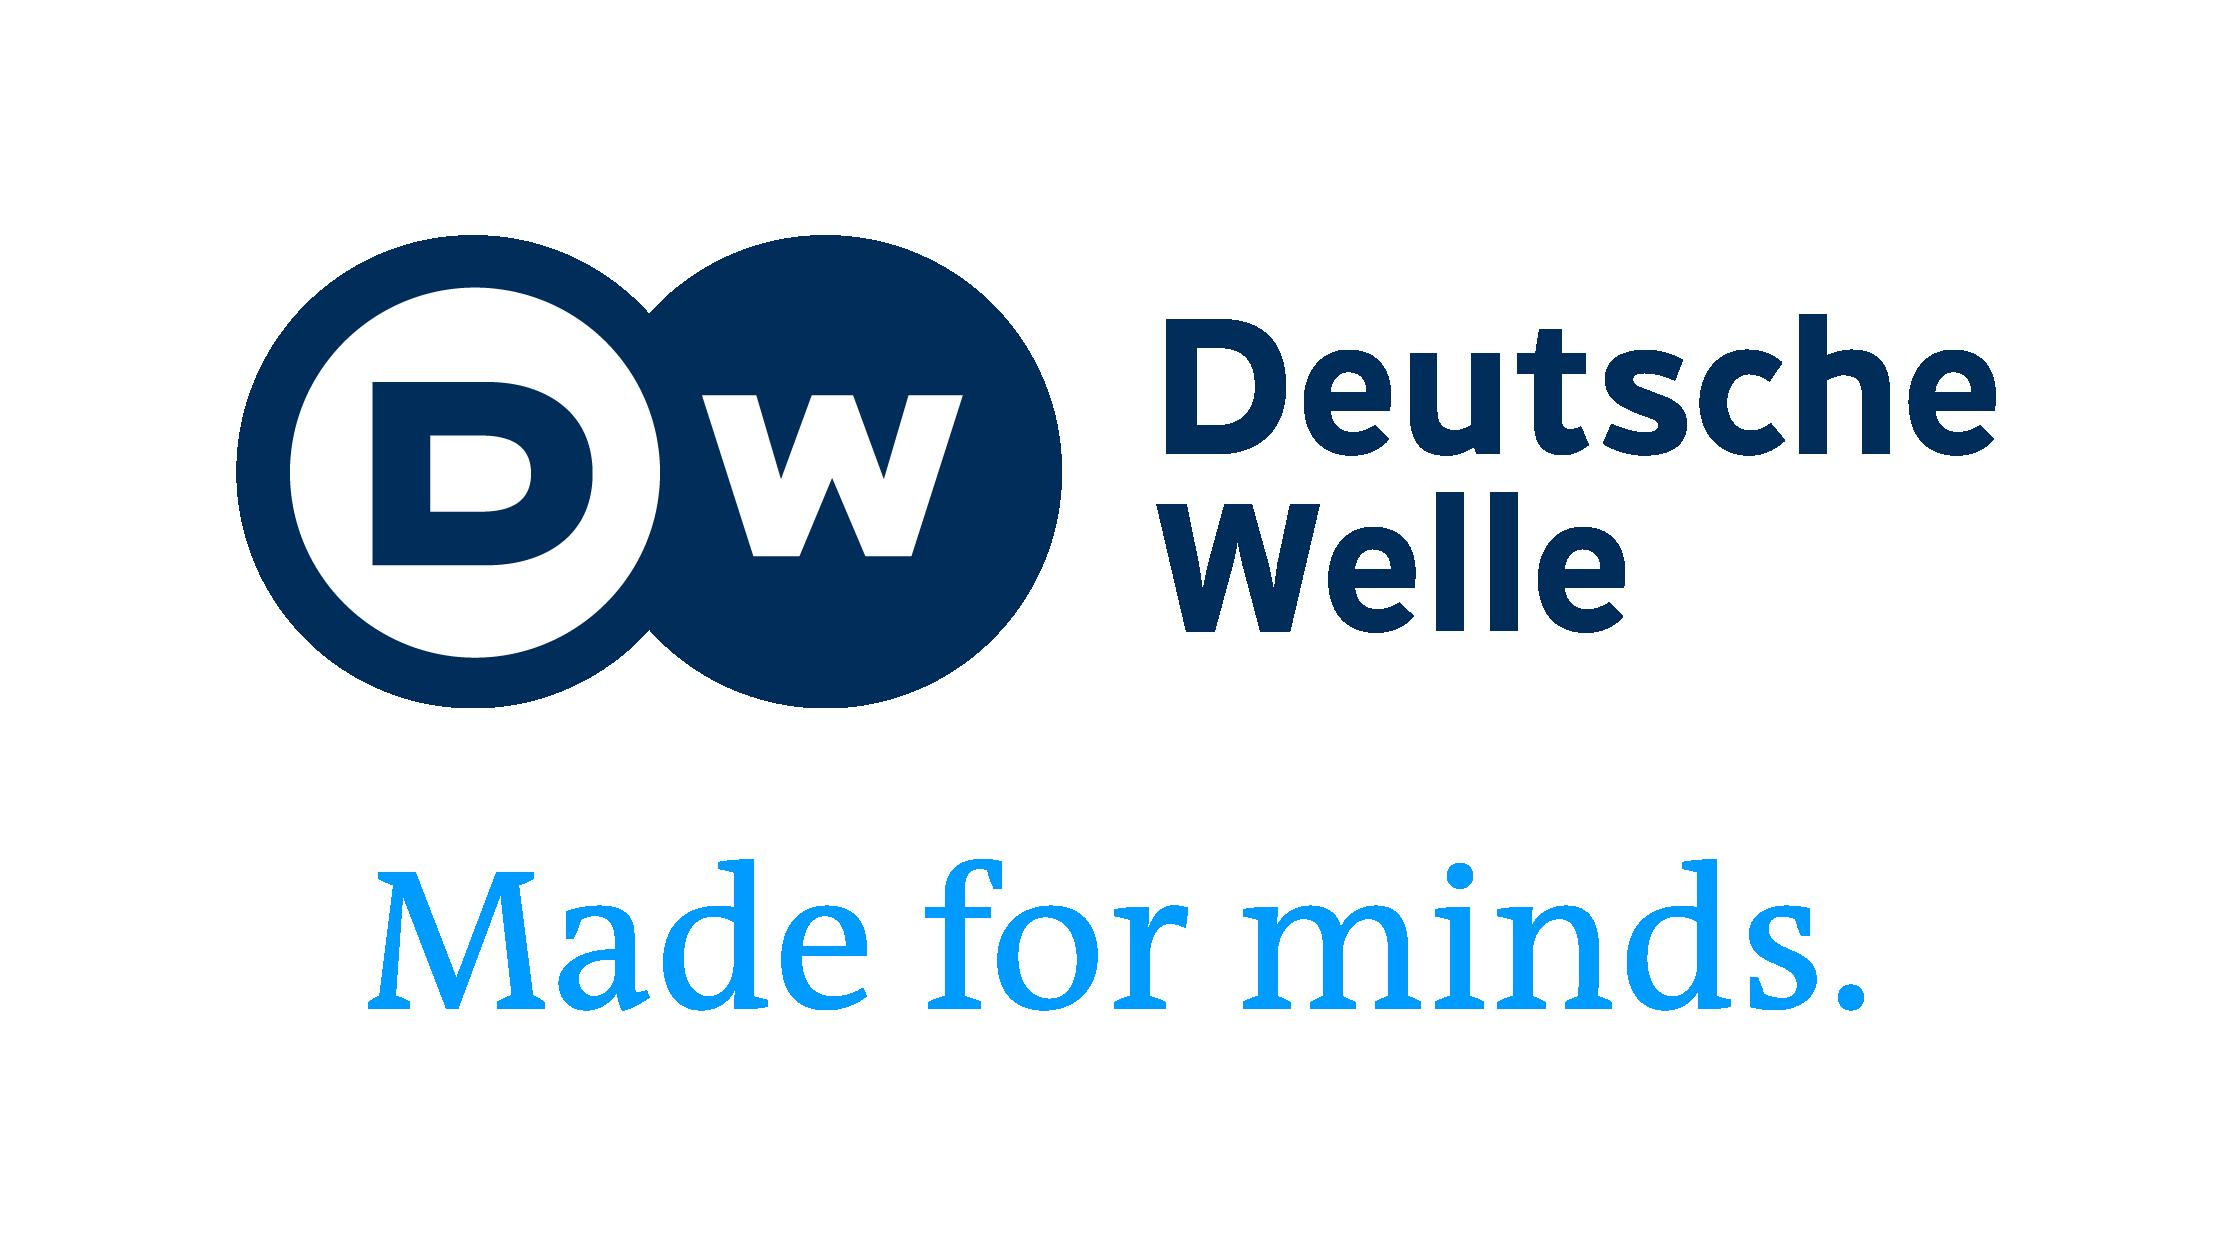 Deustch Welle